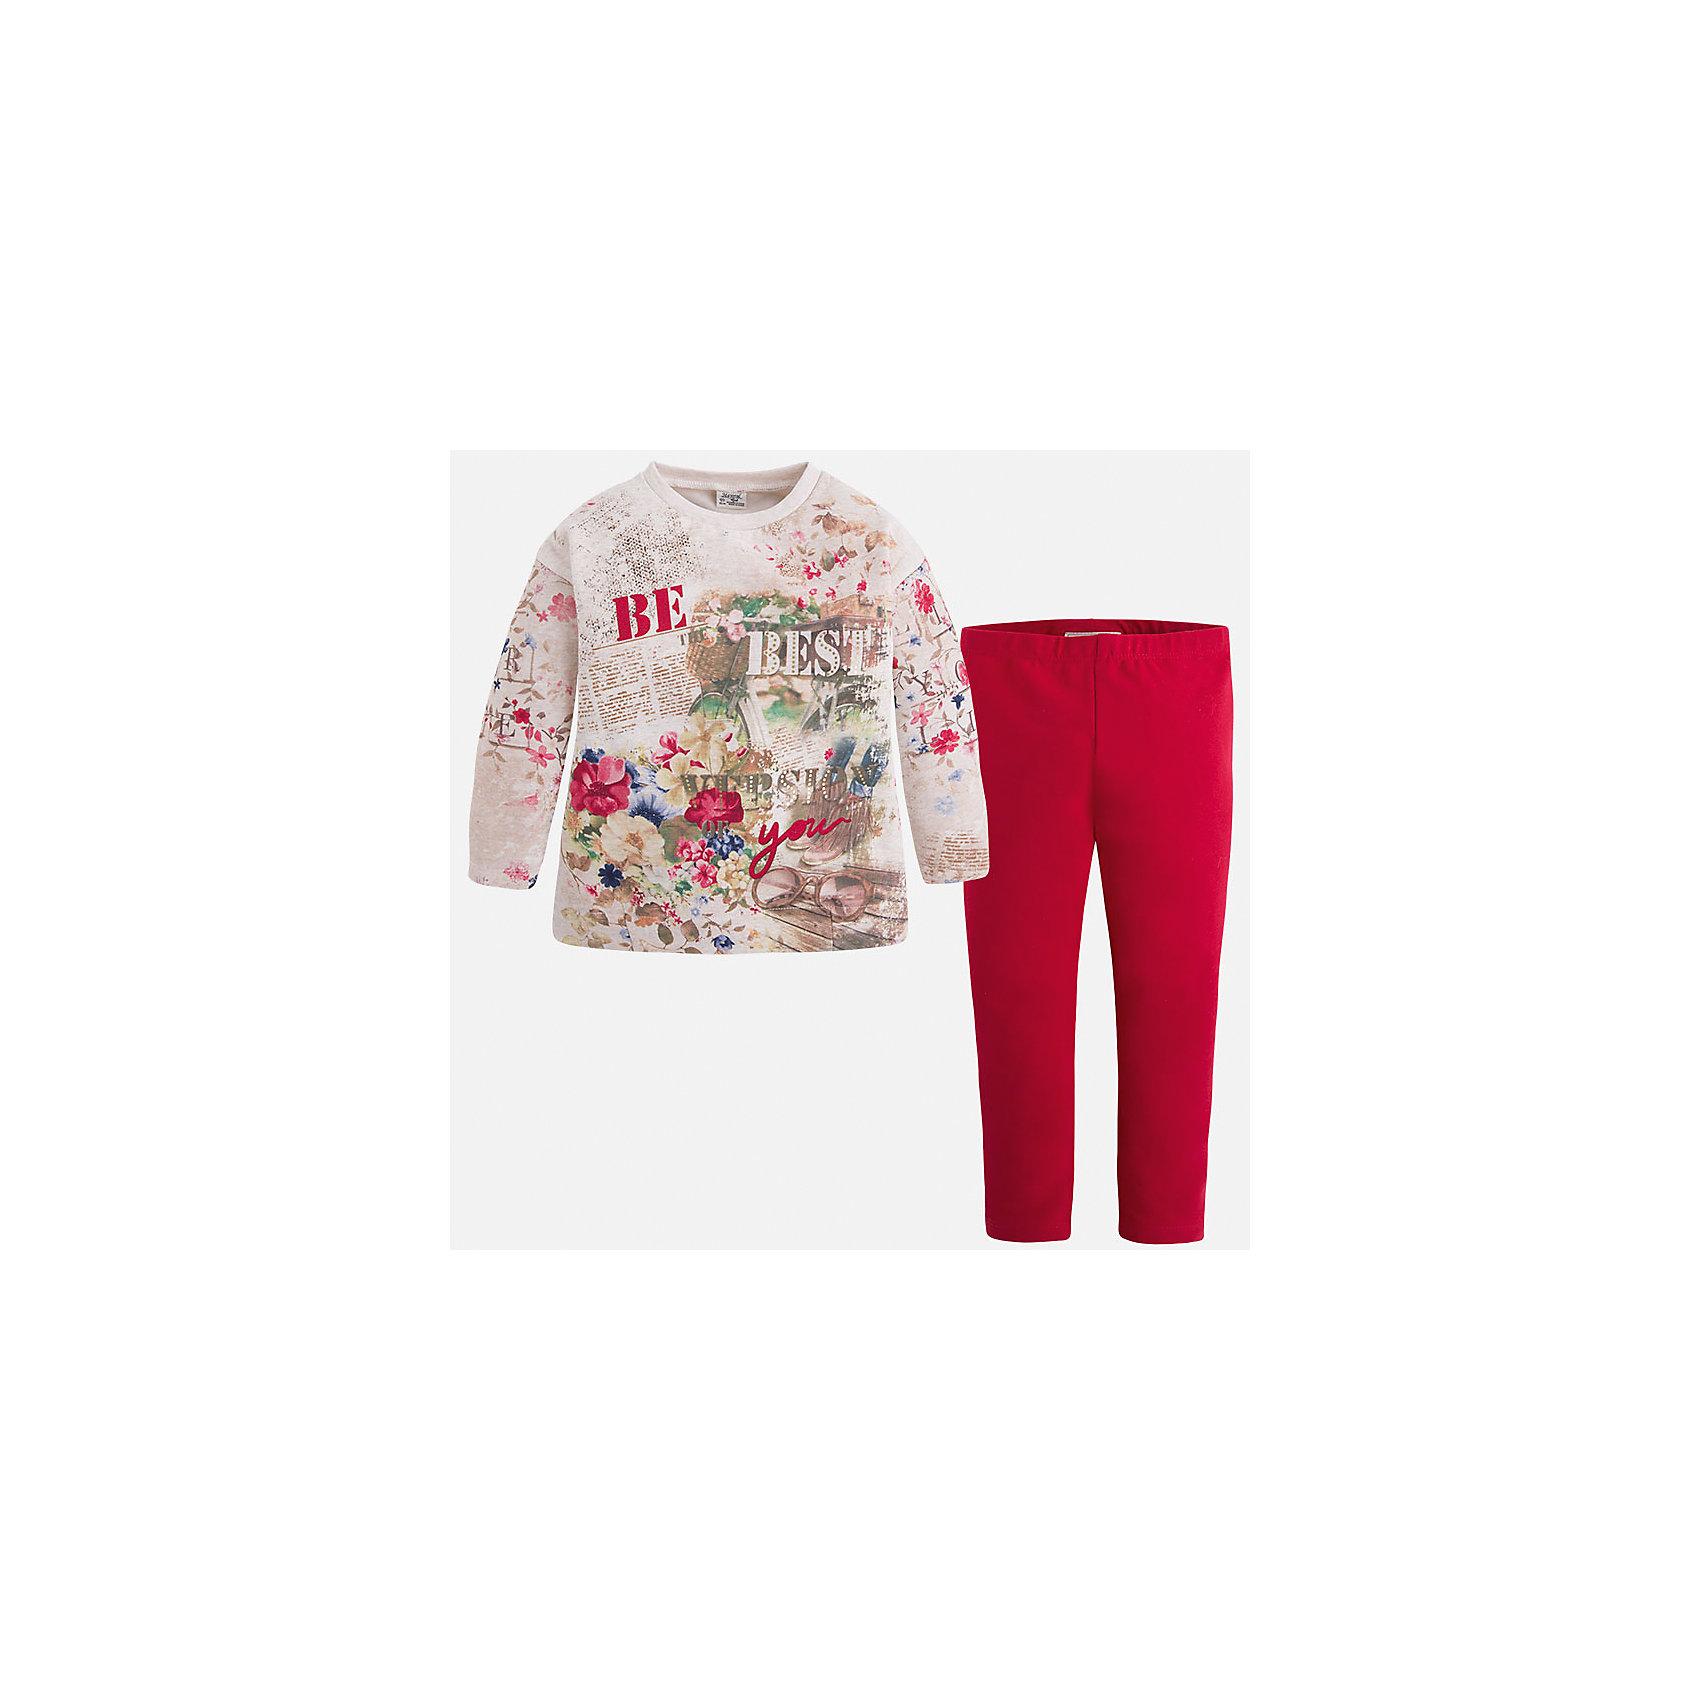 Комплект для девочки: футболка и леггинсы для девочки MayoralКомплект из леггинсов и футболки с длинным рукавом для девочки от популярного испанского бренда Mayoral(Майорал). Изготовленный из прочных, хорошо сохраняющих тепло материалов. Яркая расцветка с оригинальным принтом - то, что нужно моднице, любящей быть в центре внимания!<br>Дополнительная информация:<br>-цвет: красный/белый<br>-состав: футболка: 48% хлопок, 47% полиэстер, 5% эластан; леггинсы: 92% хлопок, 8% эластан<br>Комплект из леггинсов и футболки Mayoral(Майорал) вы можете купить в нашем интернет-магазине.<br><br>Ширина мм: 123<br>Глубина мм: 10<br>Высота мм: 149<br>Вес г: 209<br>Цвет: красный<br>Возраст от месяцев: 18<br>Возраст до месяцев: 24<br>Пол: Женский<br>Возраст: Детский<br>Размер: 92,128,98,104,134,122,110,116<br>SKU: 4844134